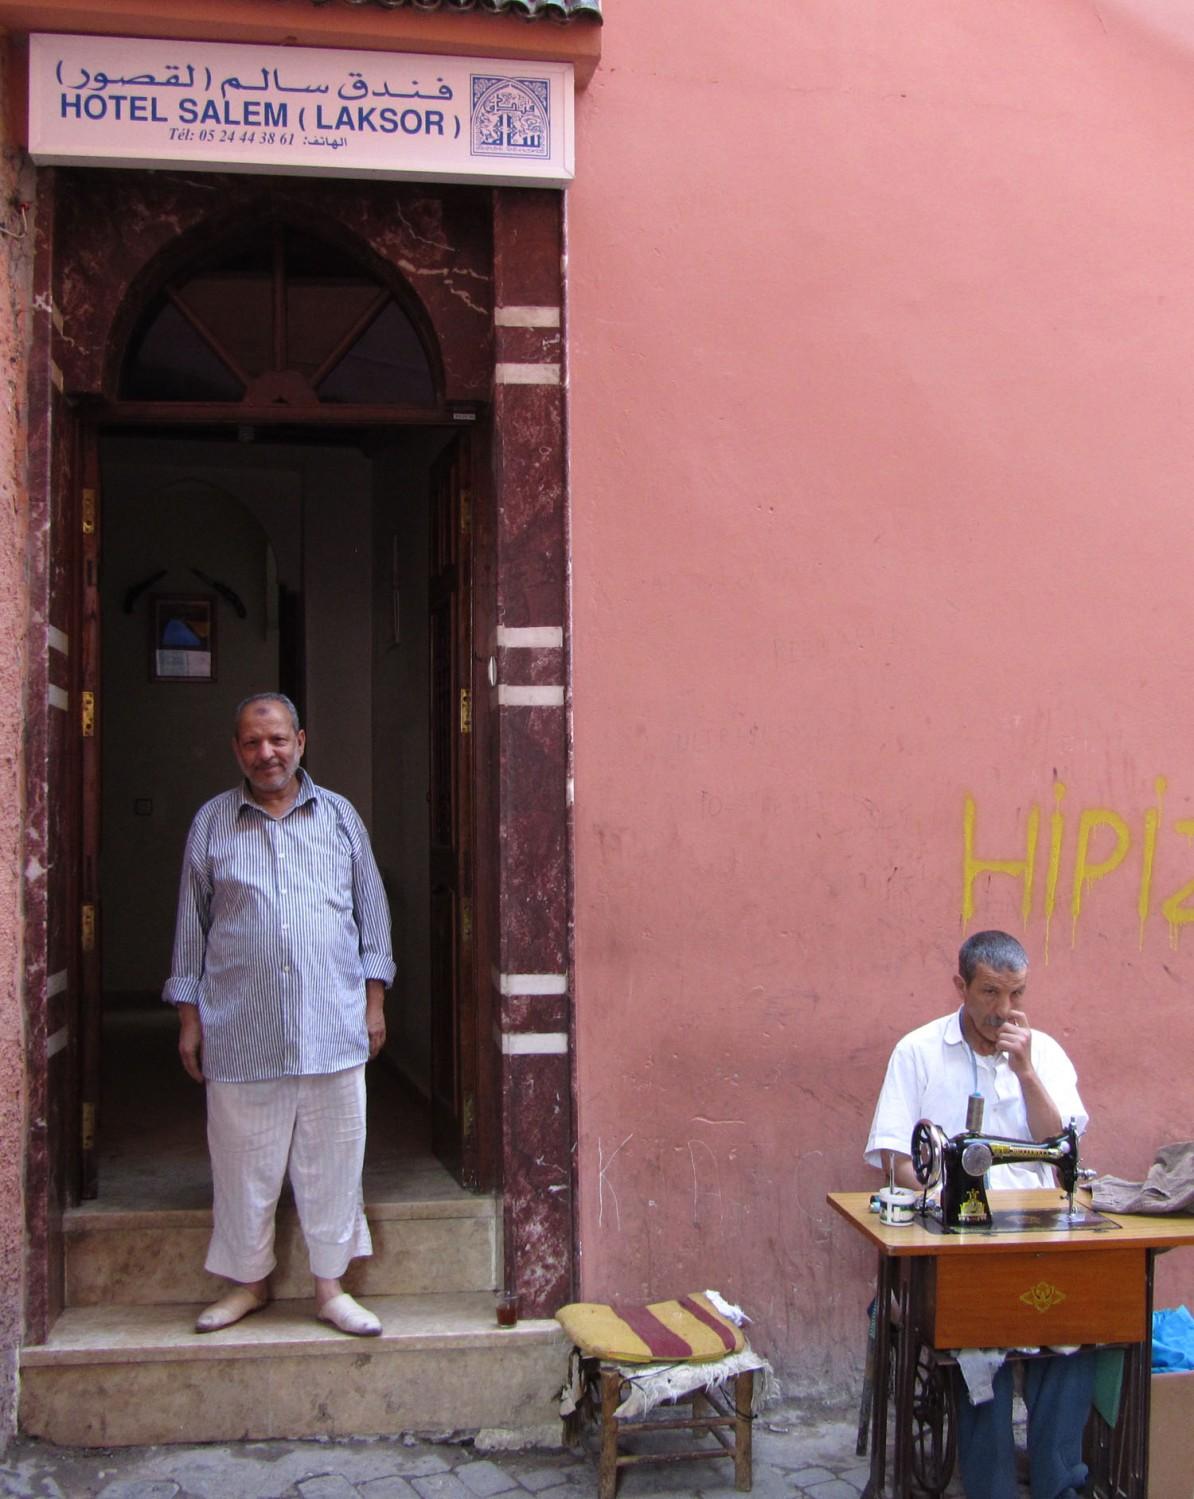 Morocco-Marrakech-Hotel